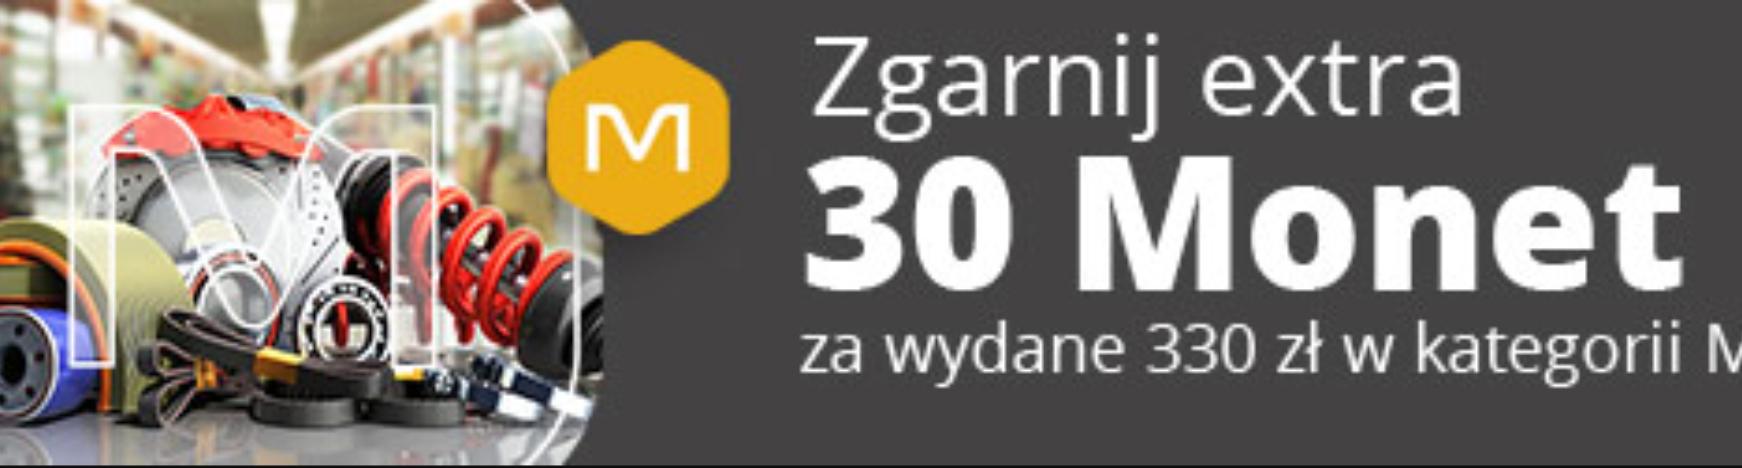 +30 Monet za zakupy od 330 zł w kategorii Motoryzacja